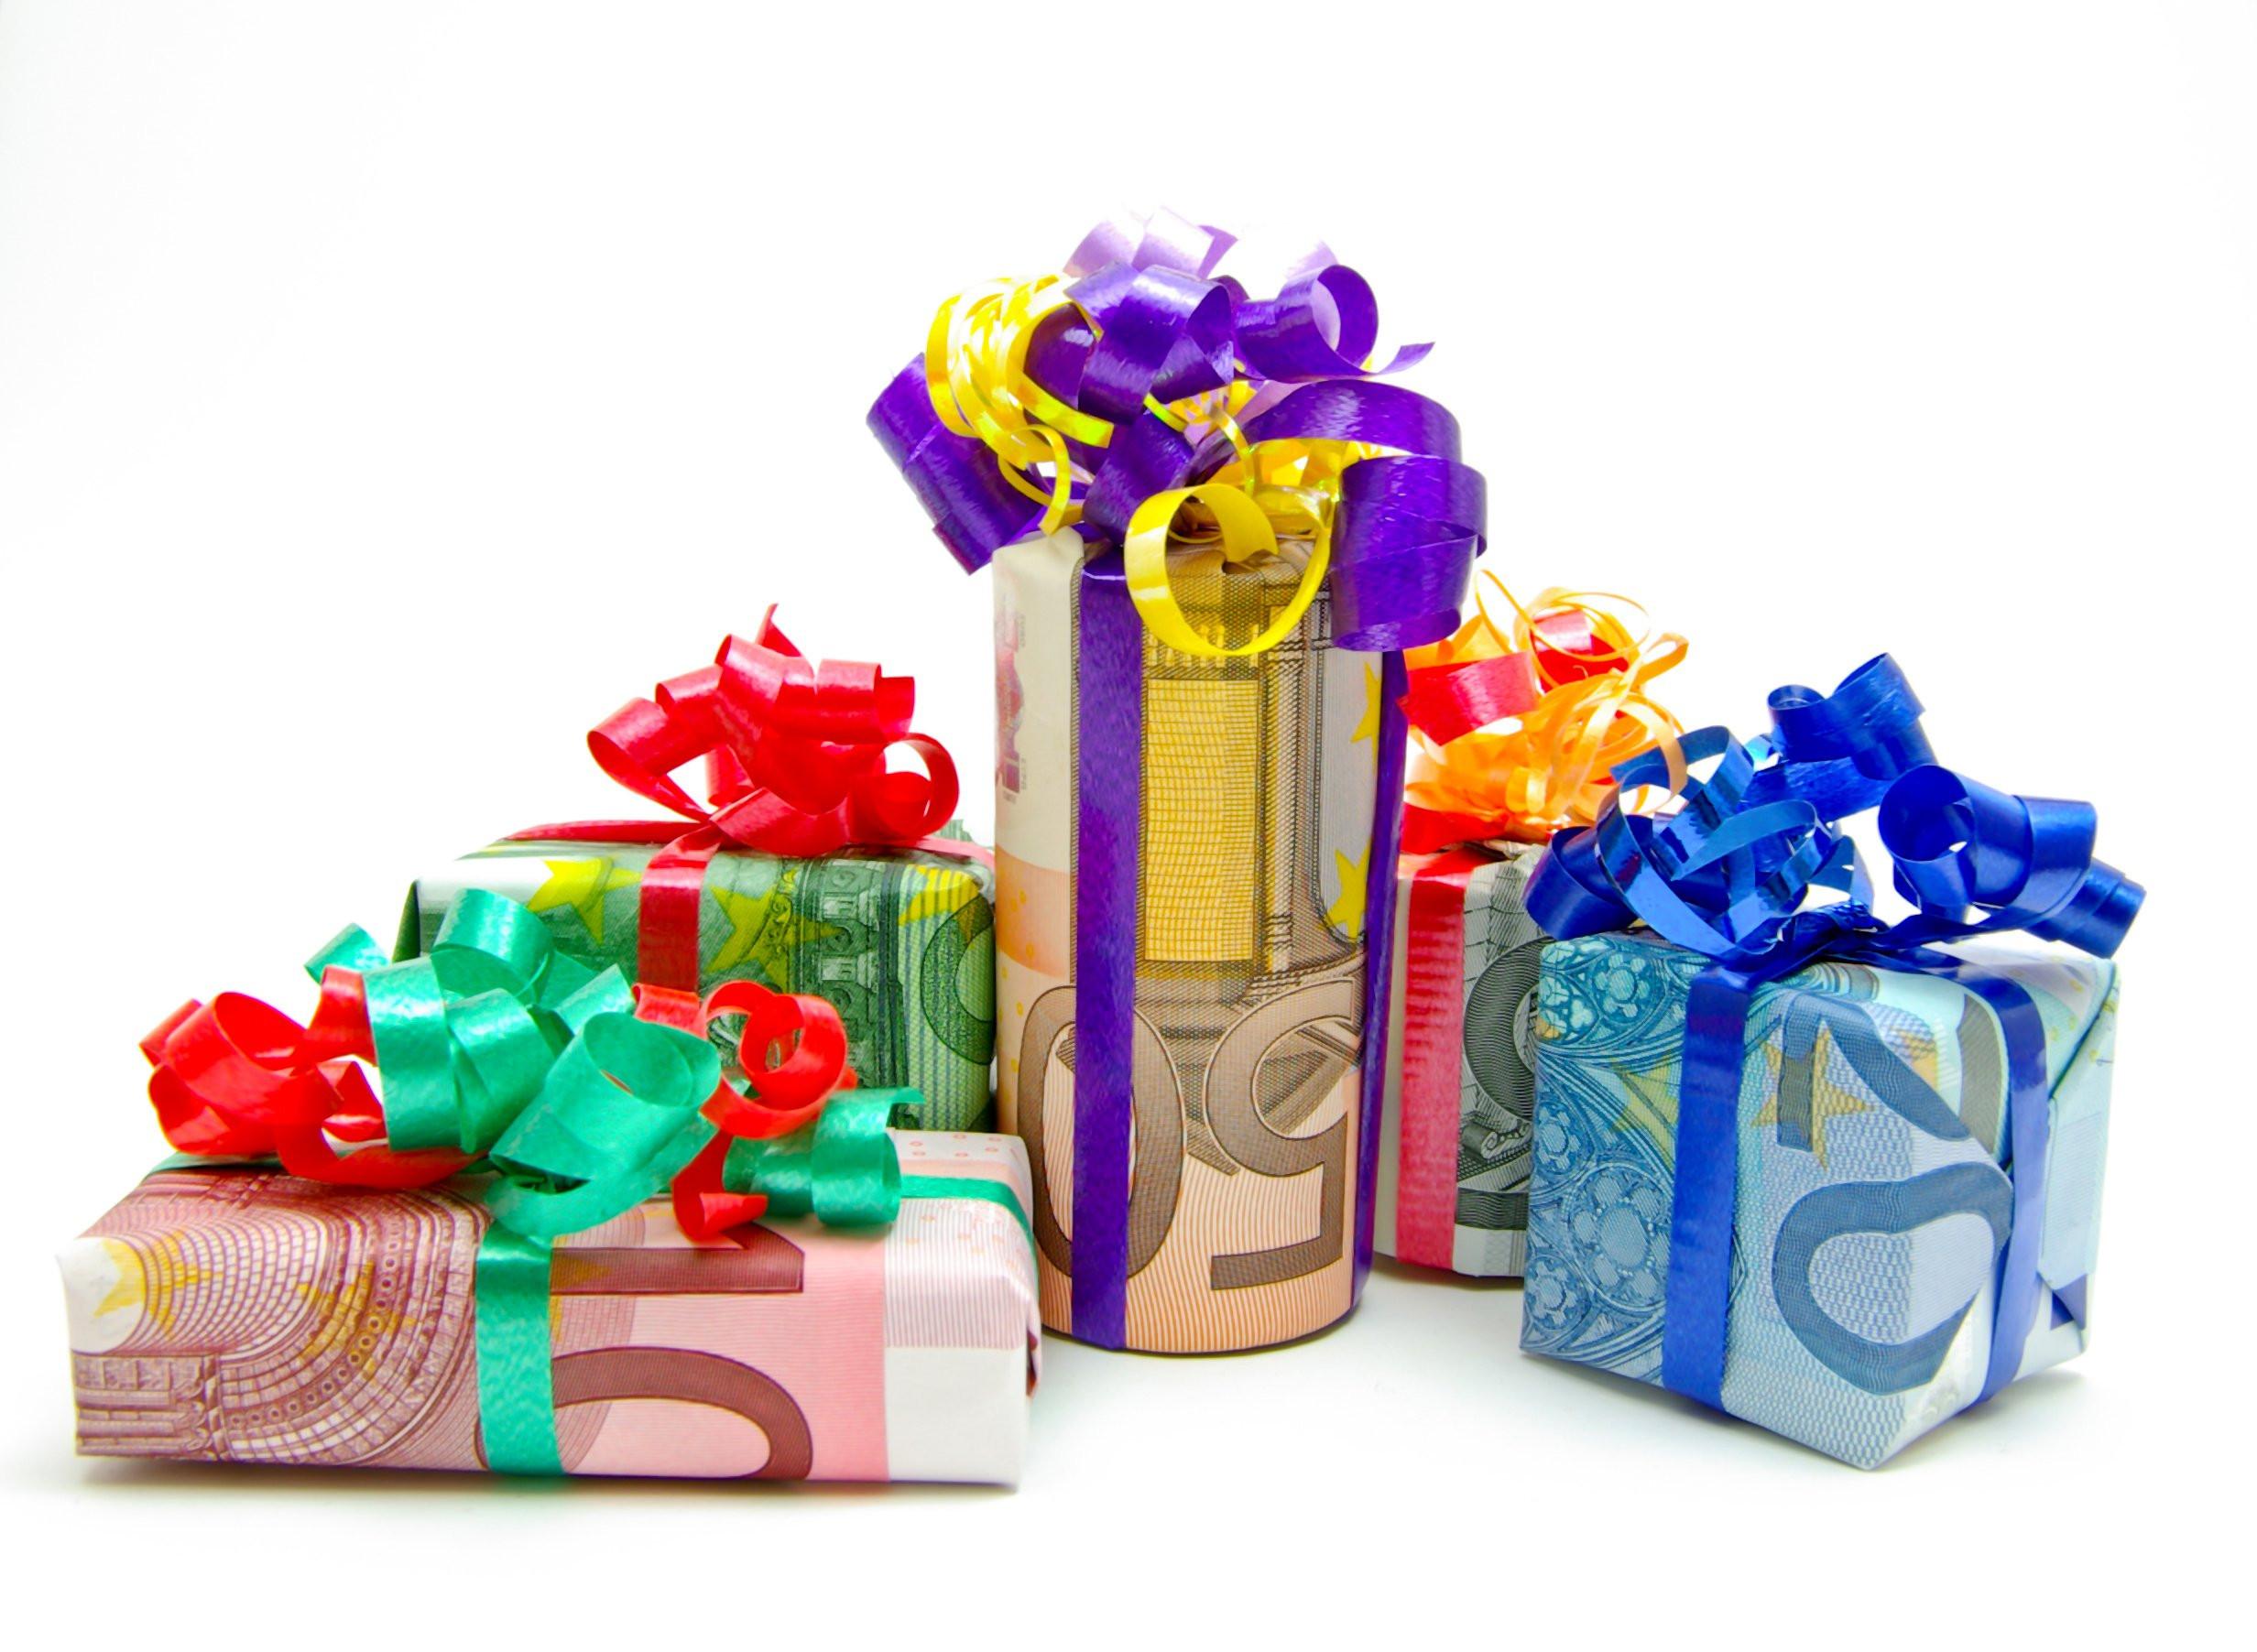 Geburtstagsgeschenke Kinder  Suchen Sie Geschenkideen für